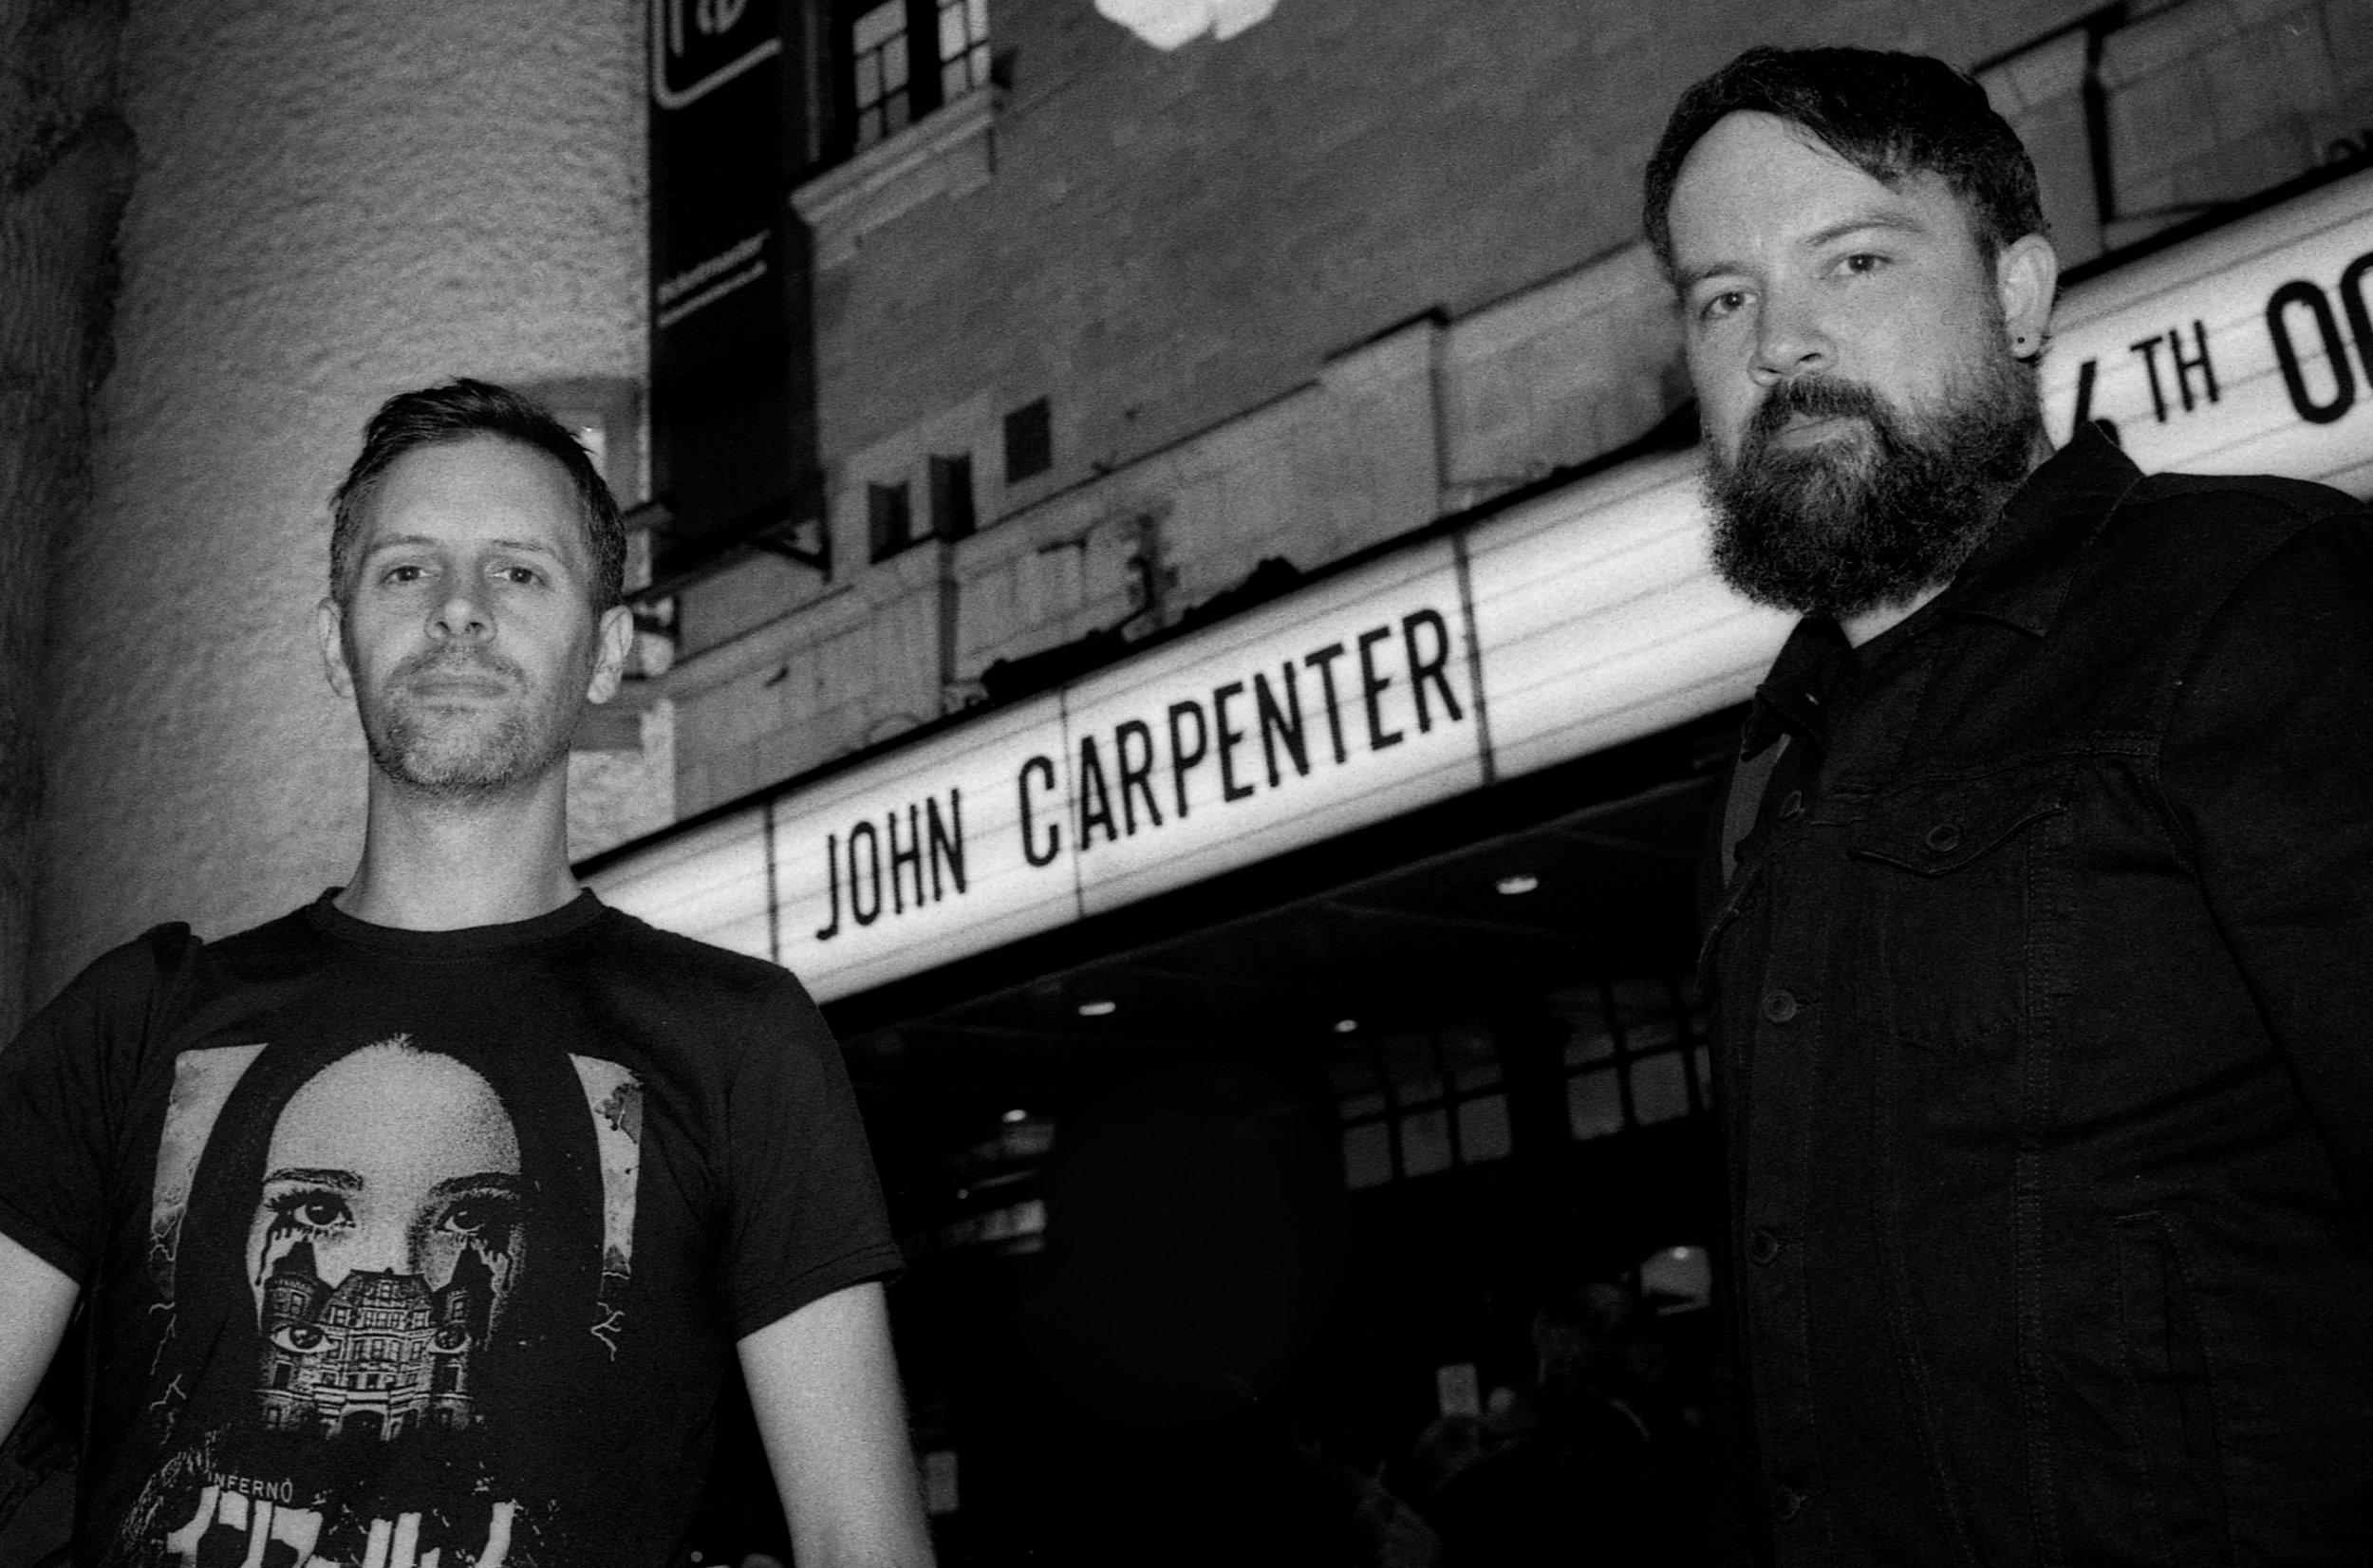 BWR John Carpenter Oct 16th 2018. Photo by James K Barnett